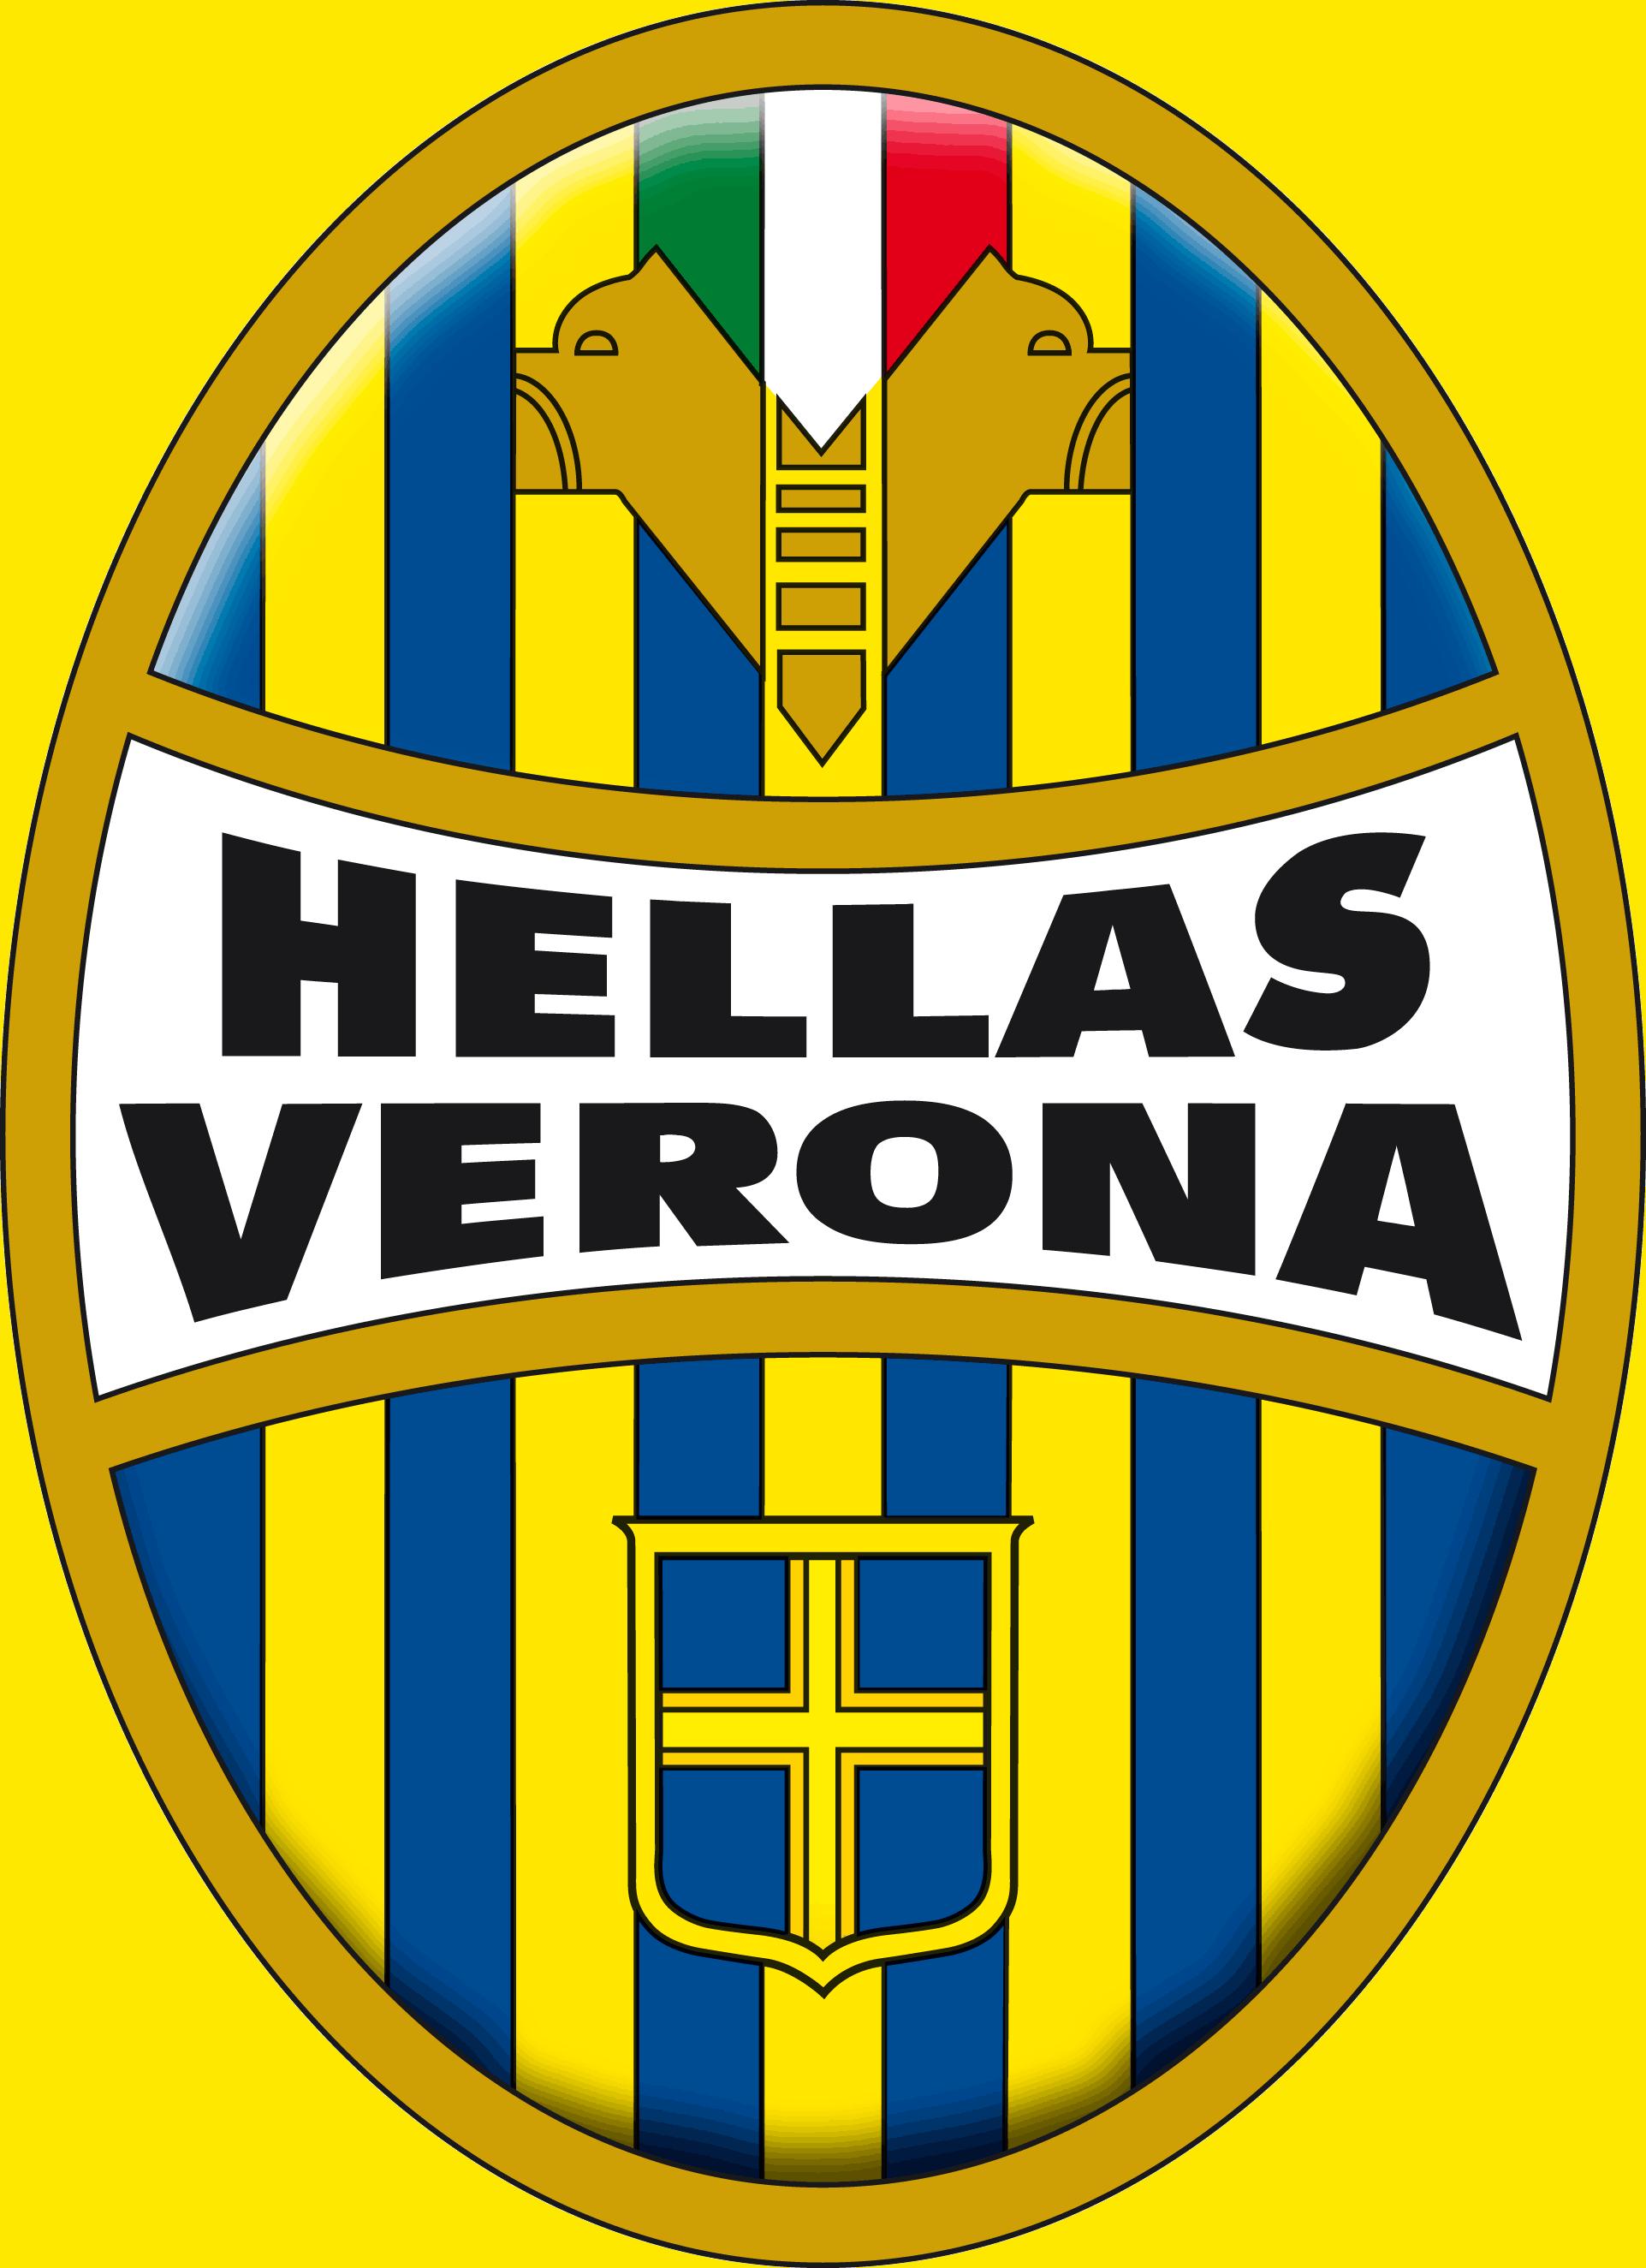 Hellas Verona stemma